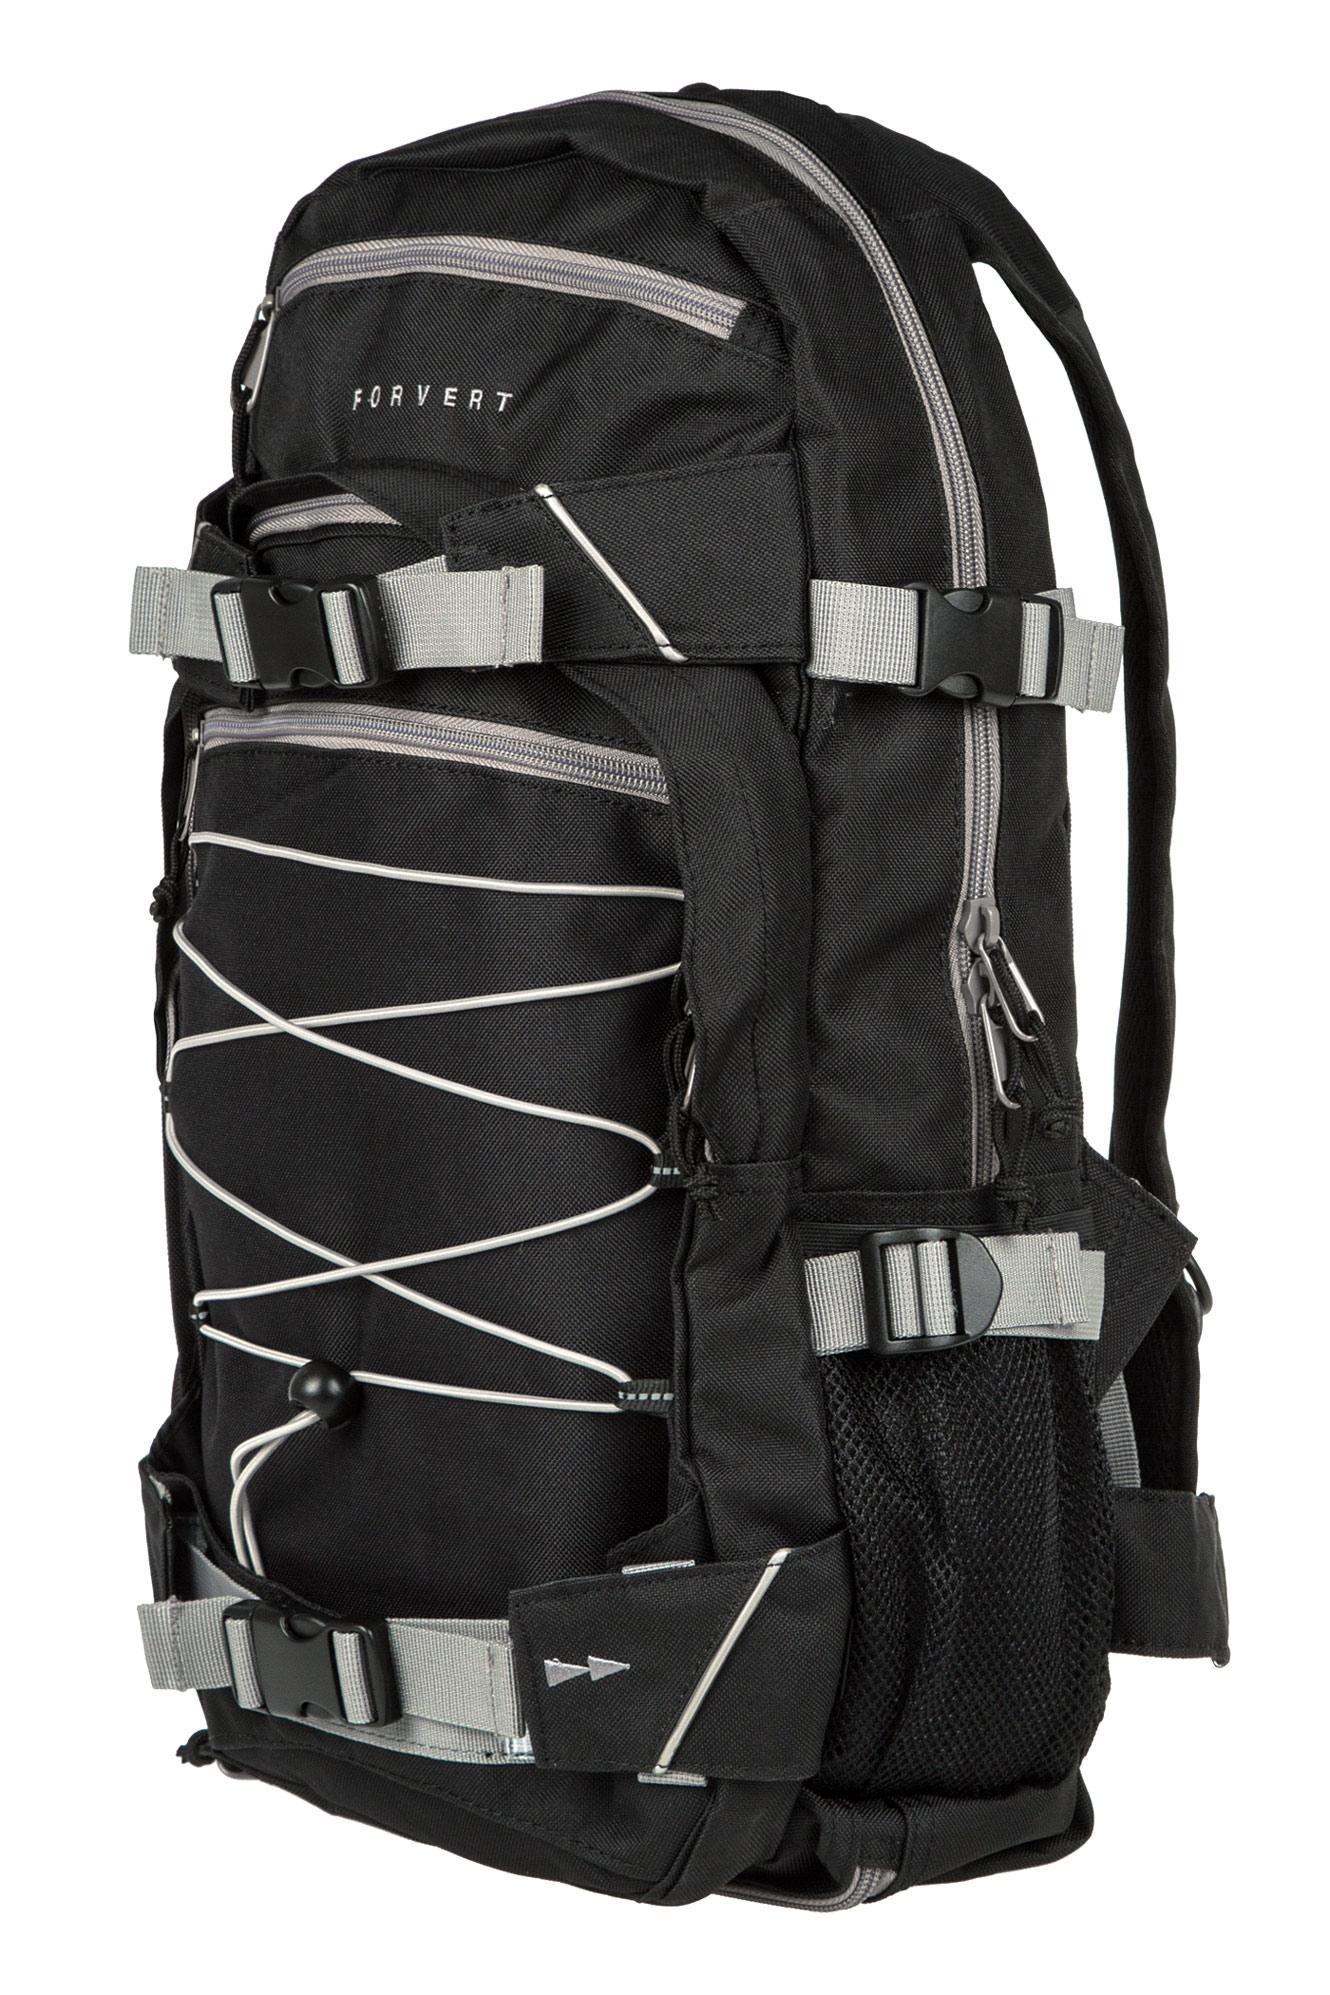 forvert ice louis backpack 20l black grey buy at skatedeluxe. Black Bedroom Furniture Sets. Home Design Ideas